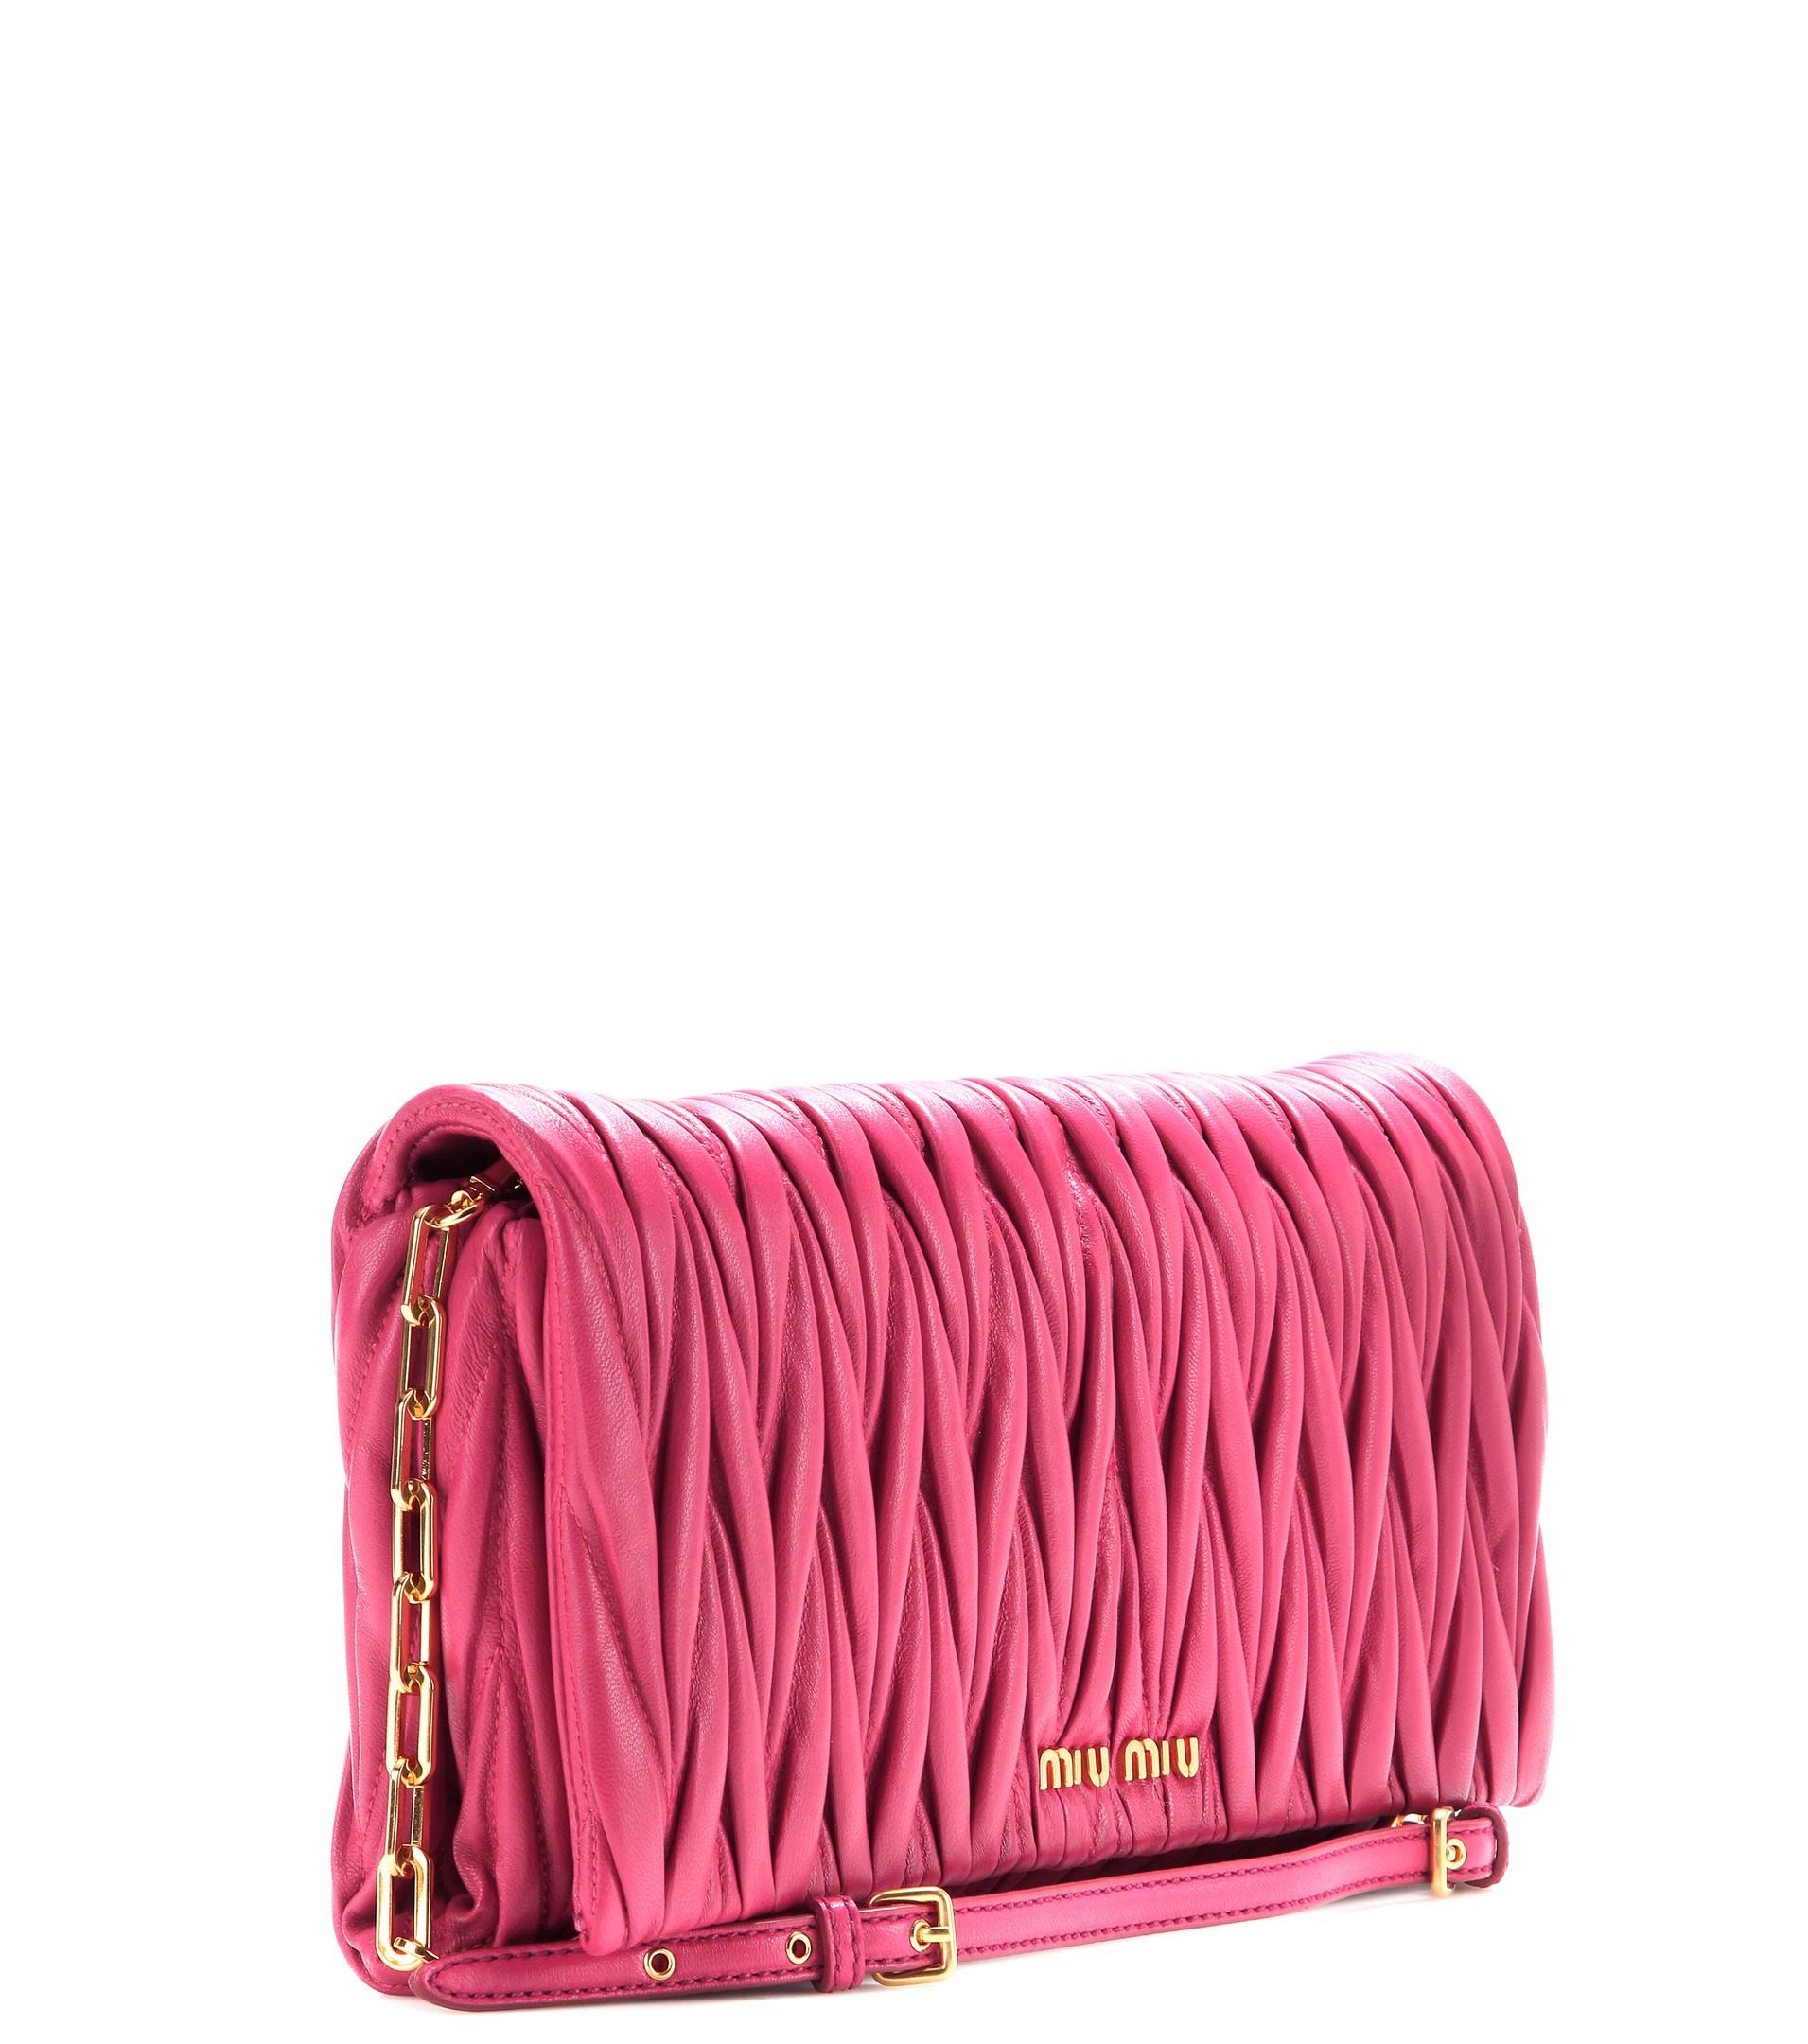 5705eb79816 Miu Miu Shoulder Pink Bag. Lyst - Miu Miu Matelassé ...